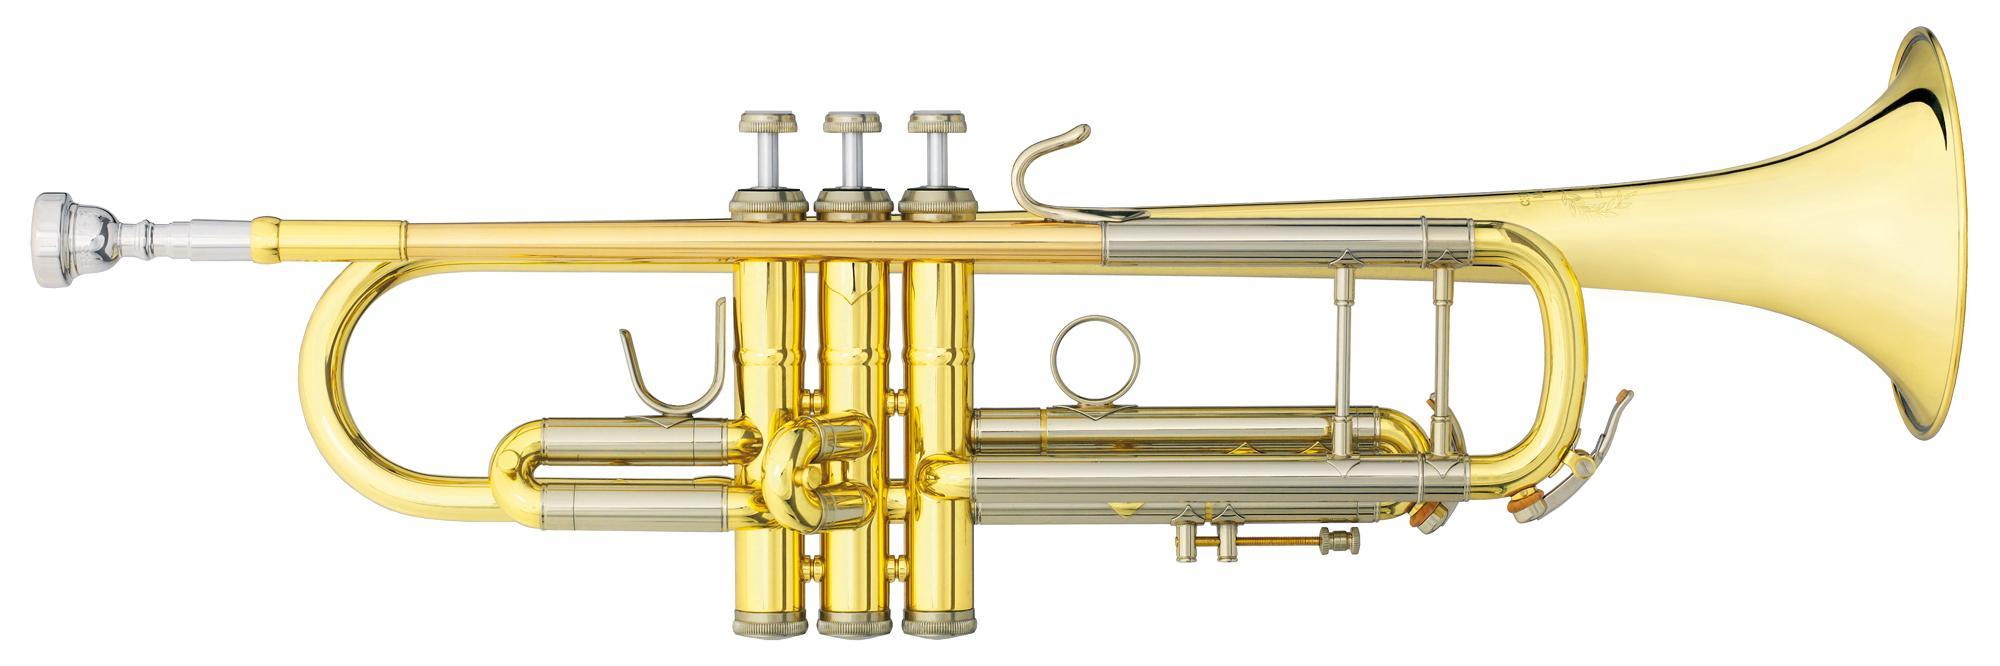 Trompeten - B S 3137 L Challenger I Bb Trompete - Onlineshop Musikhaus Kirstein